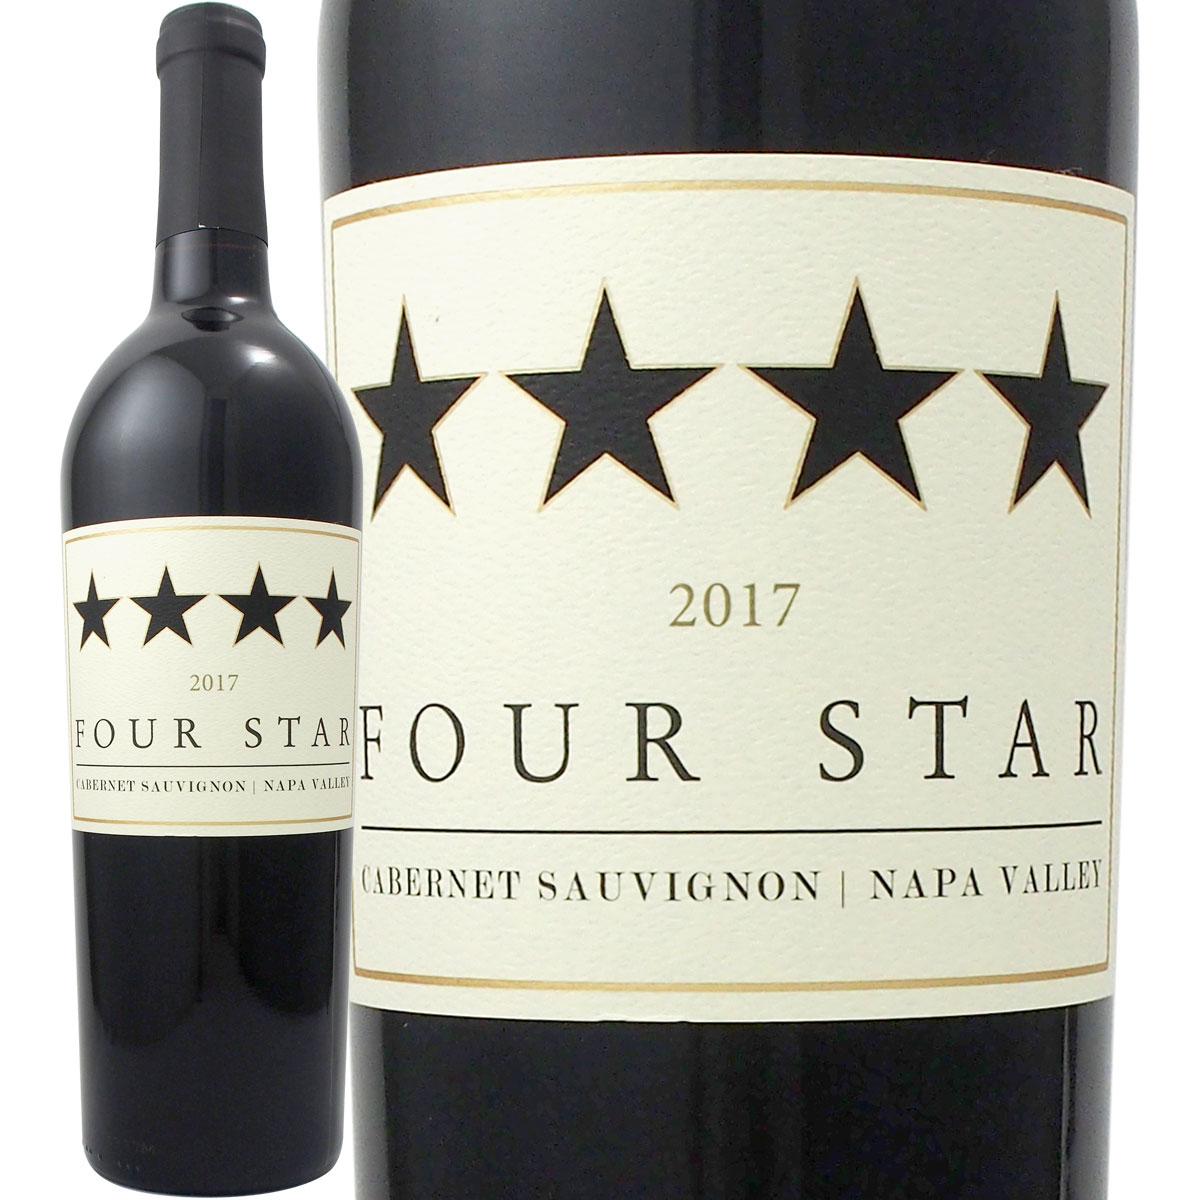 フォー・スター・ナパ・ヴァレー・カベルネ・ソーヴィニョン2018【アメリカ】【赤ワイン】【750ml】【辛口】【Four Star】【Napa Valley】